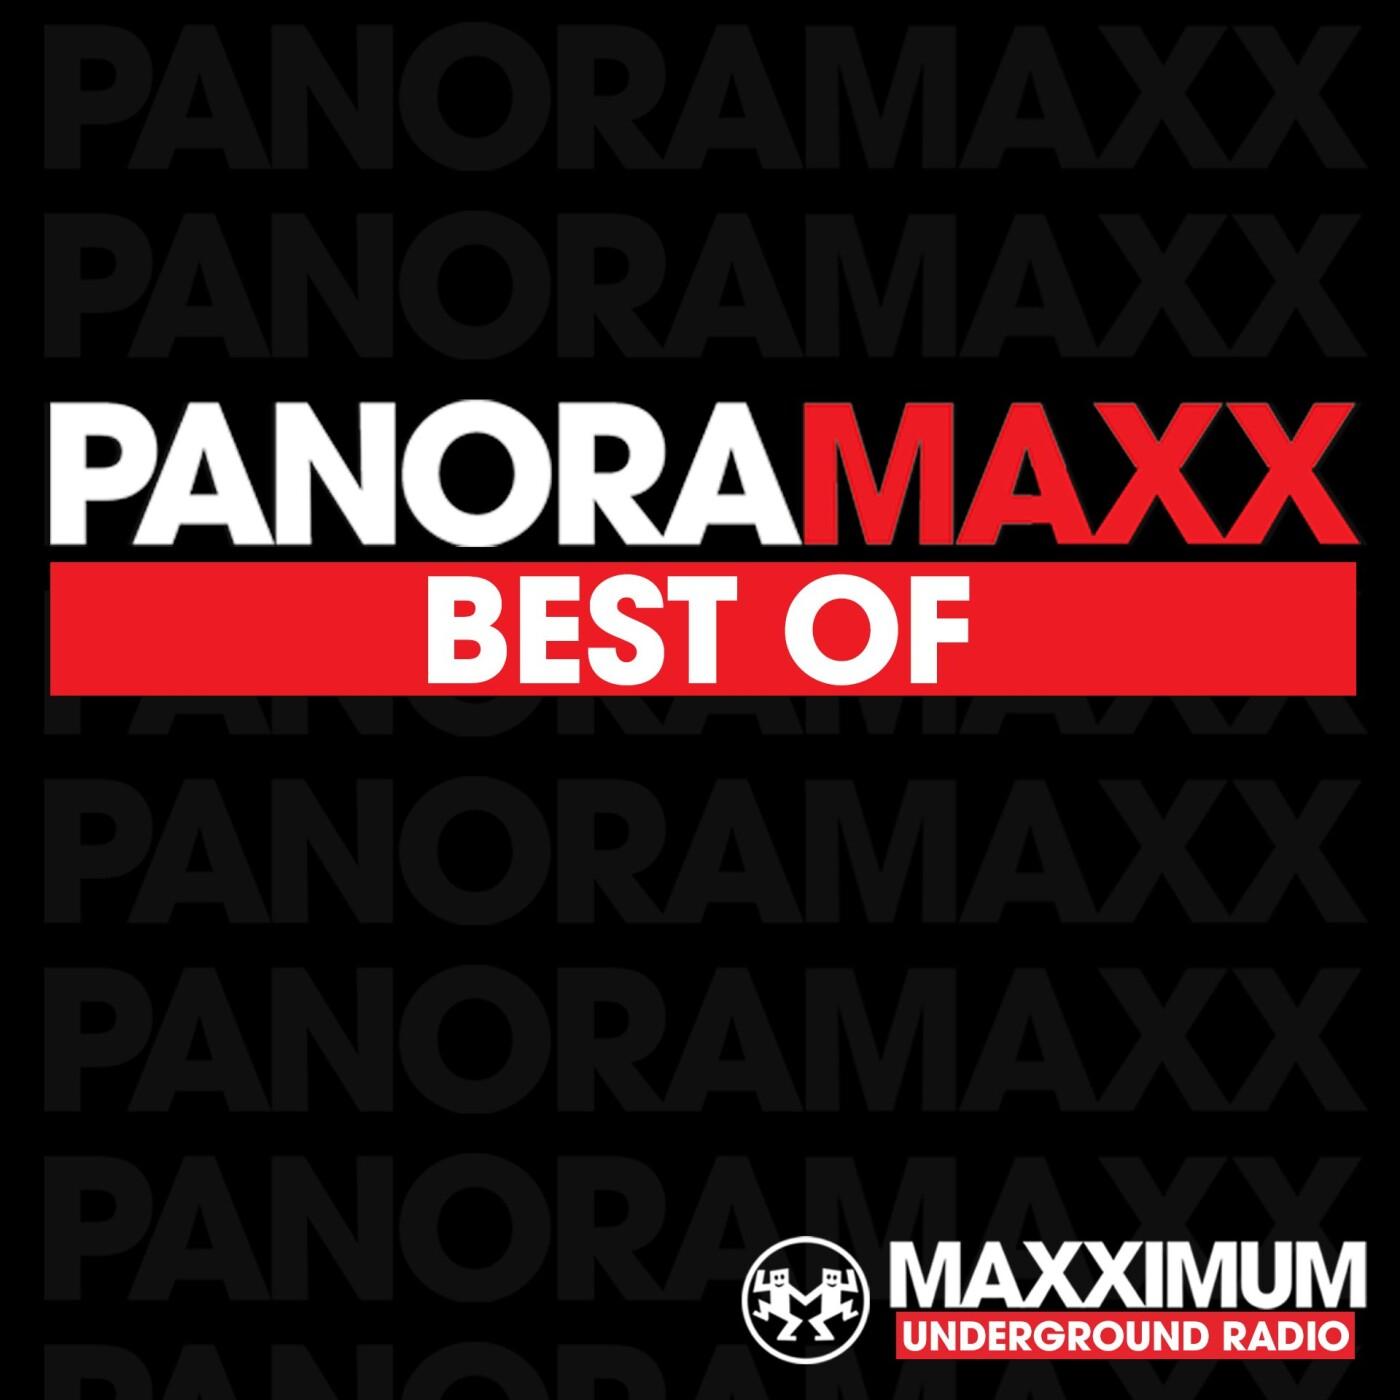 PANORAMAXX BEST OF : FONTENE